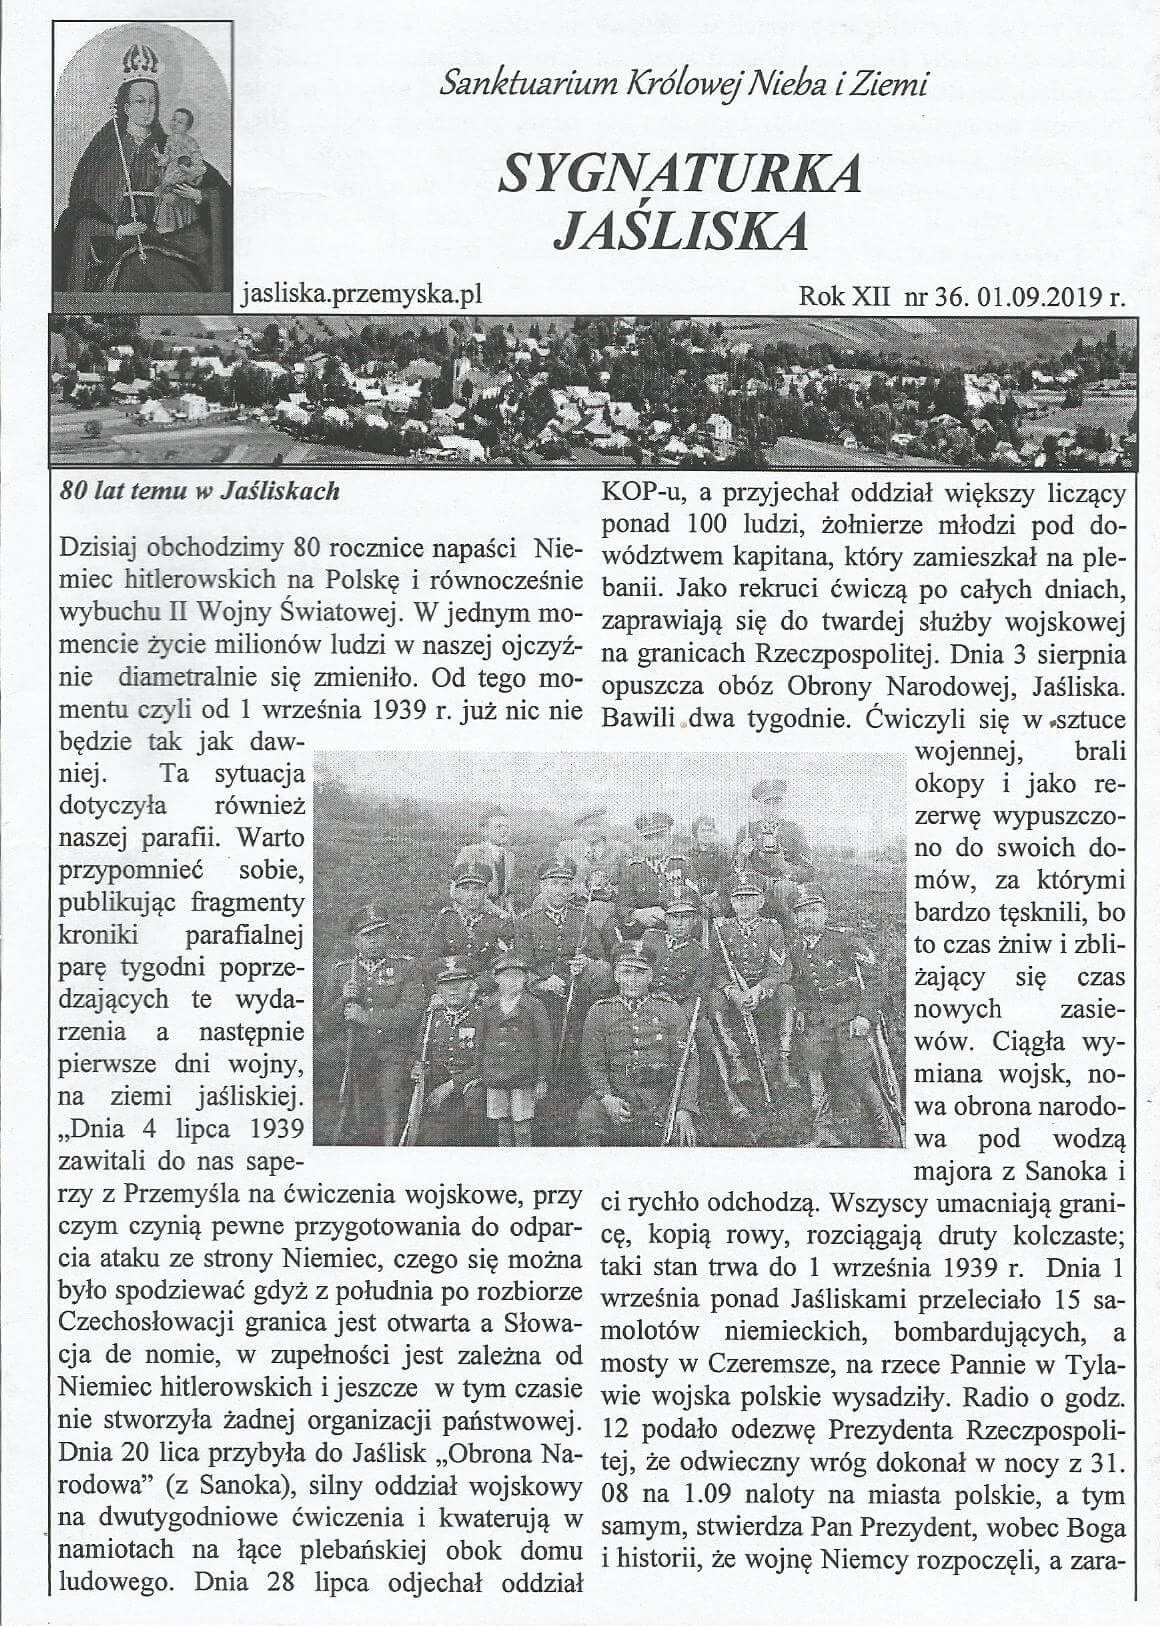 Jak zaczęła się II wojna światowa w okolicach Jaślisk?